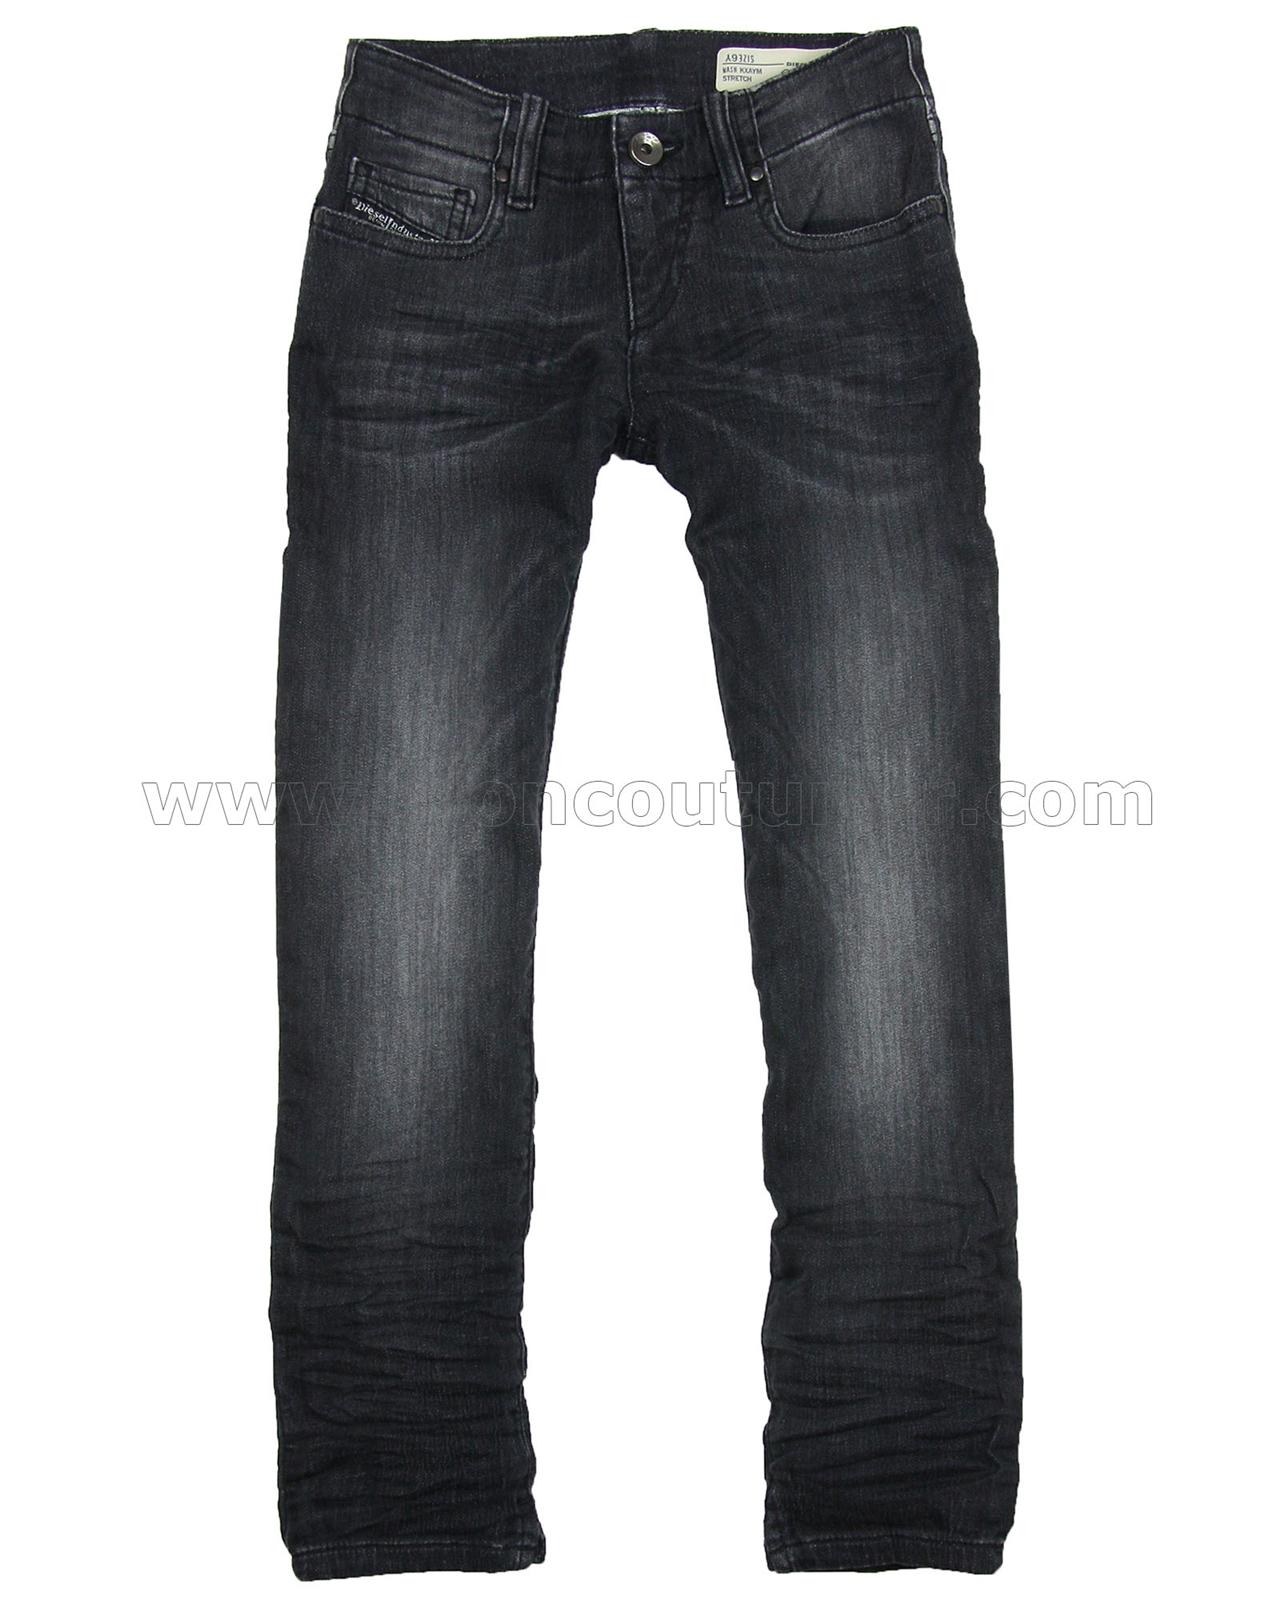 Desigual Girls Denim Shorts Bordonaba Sizes 5-14